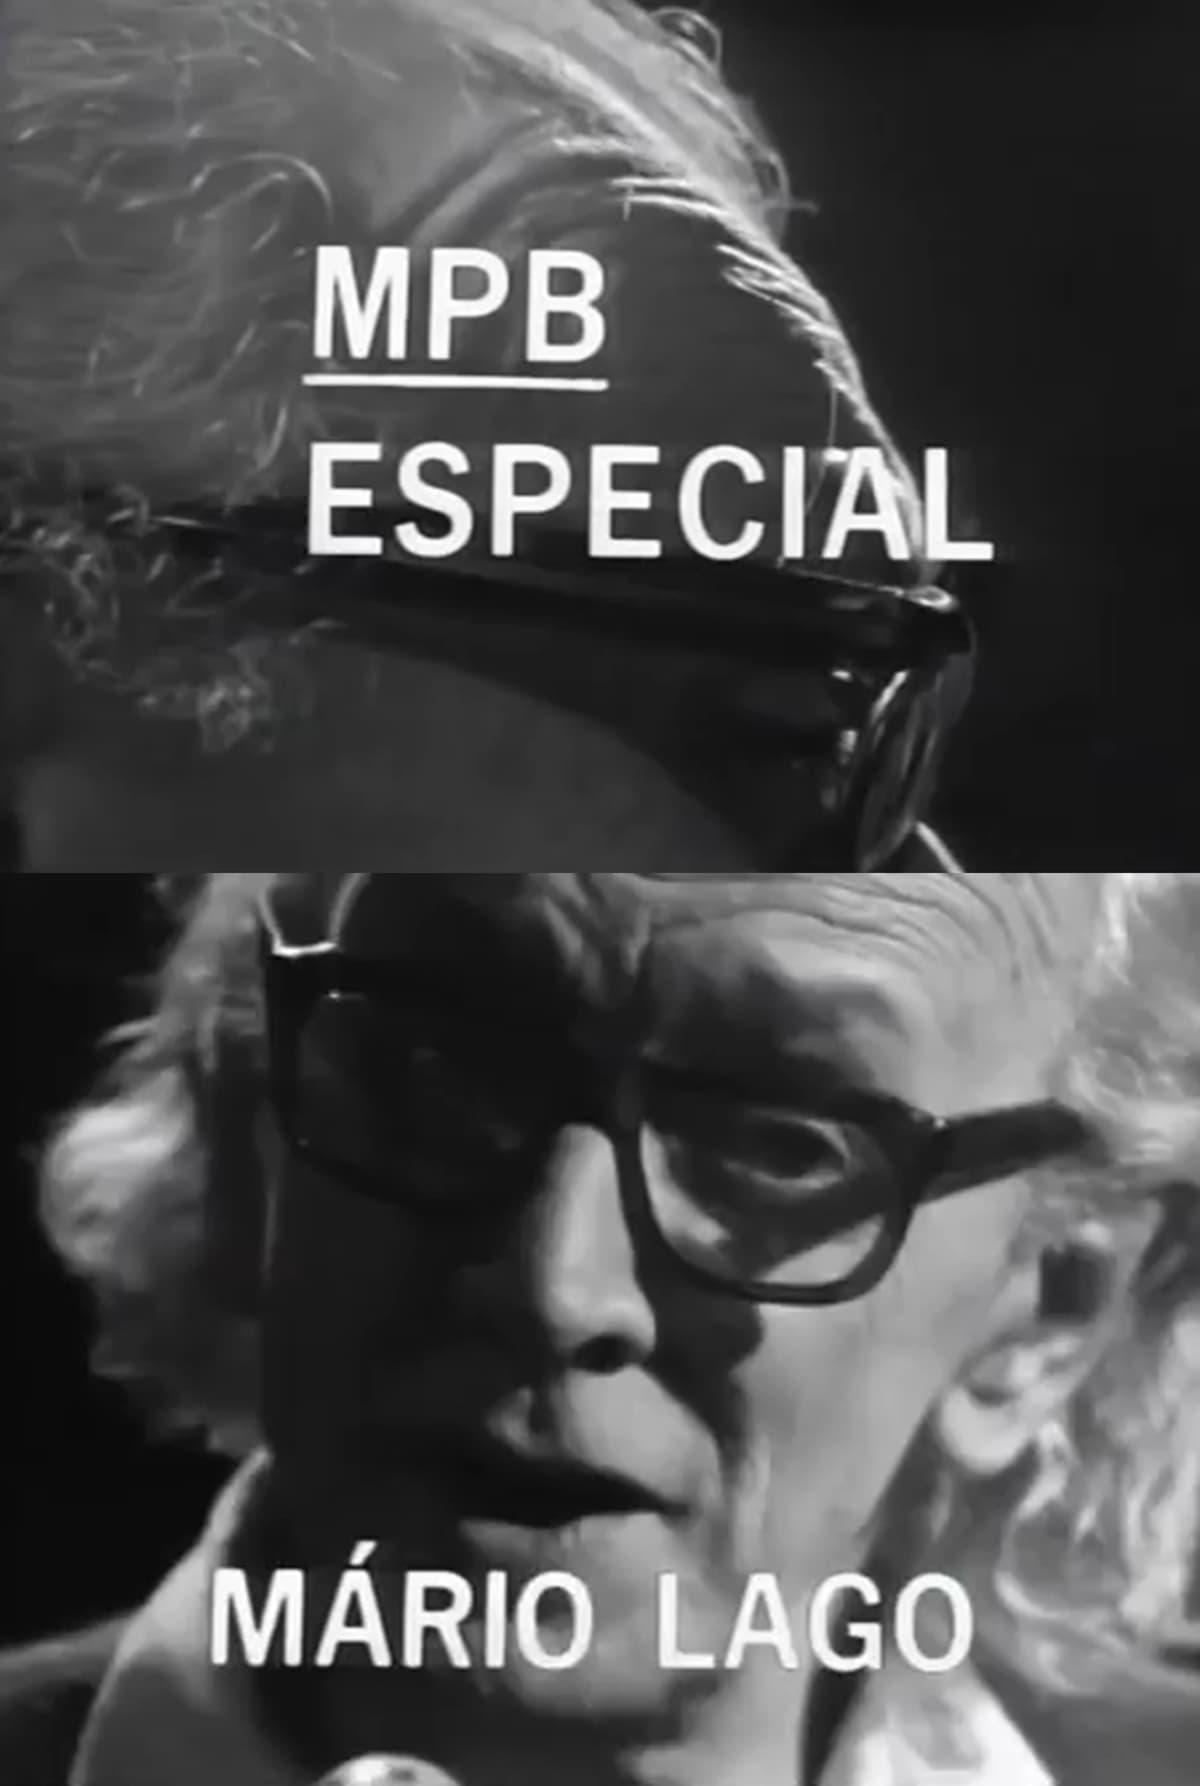 MPB Especial: Mário Lago